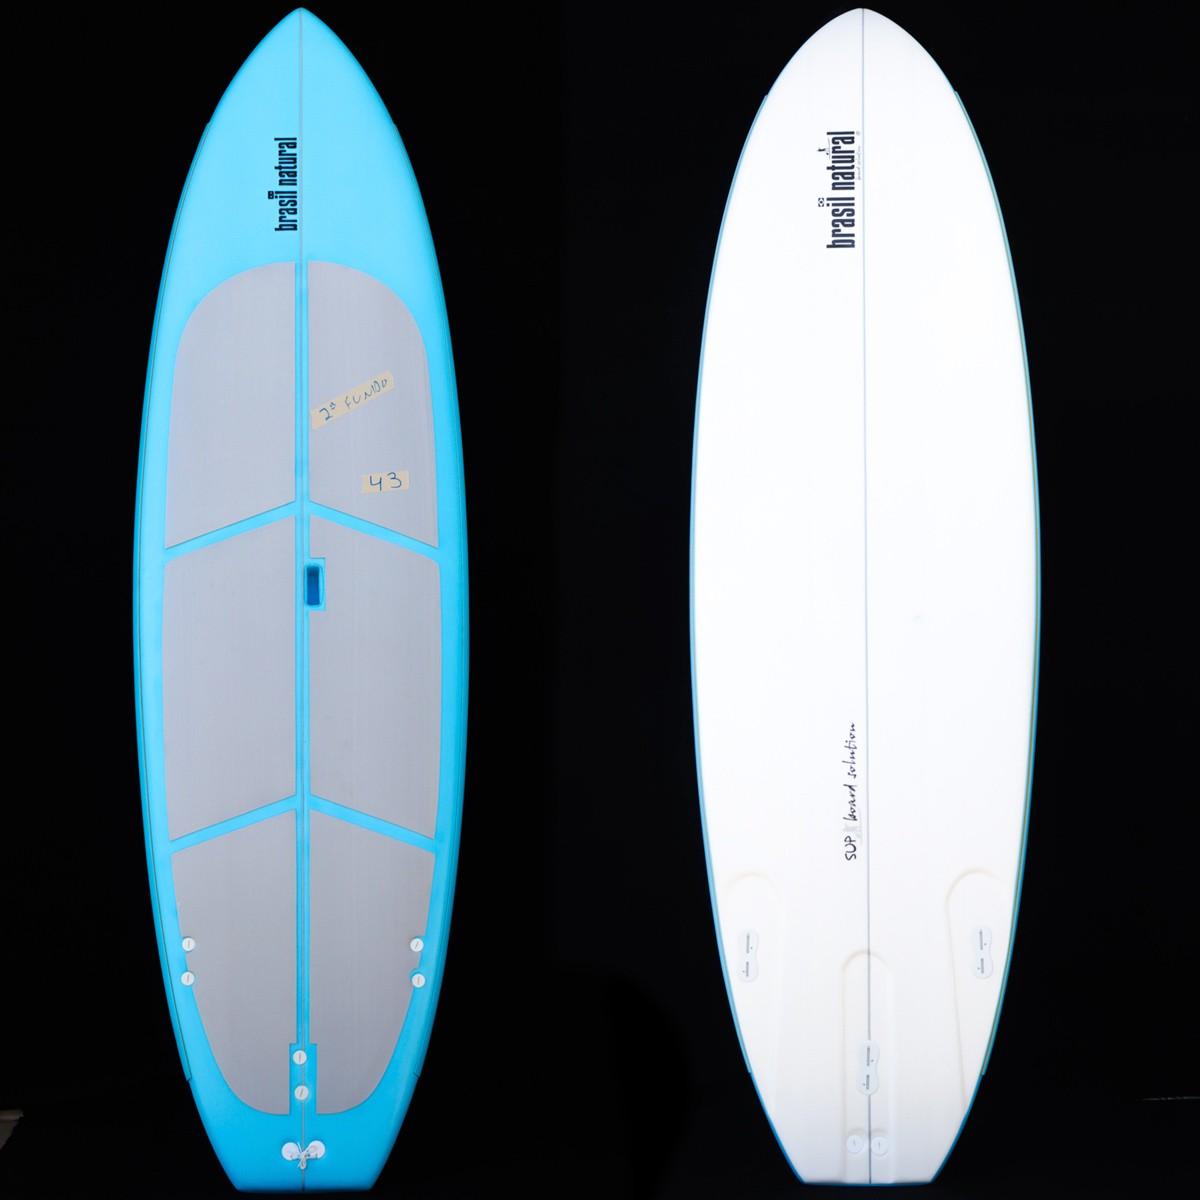 Prancha de stand up paddle 10 pés soft + kit remada - Outlet 43